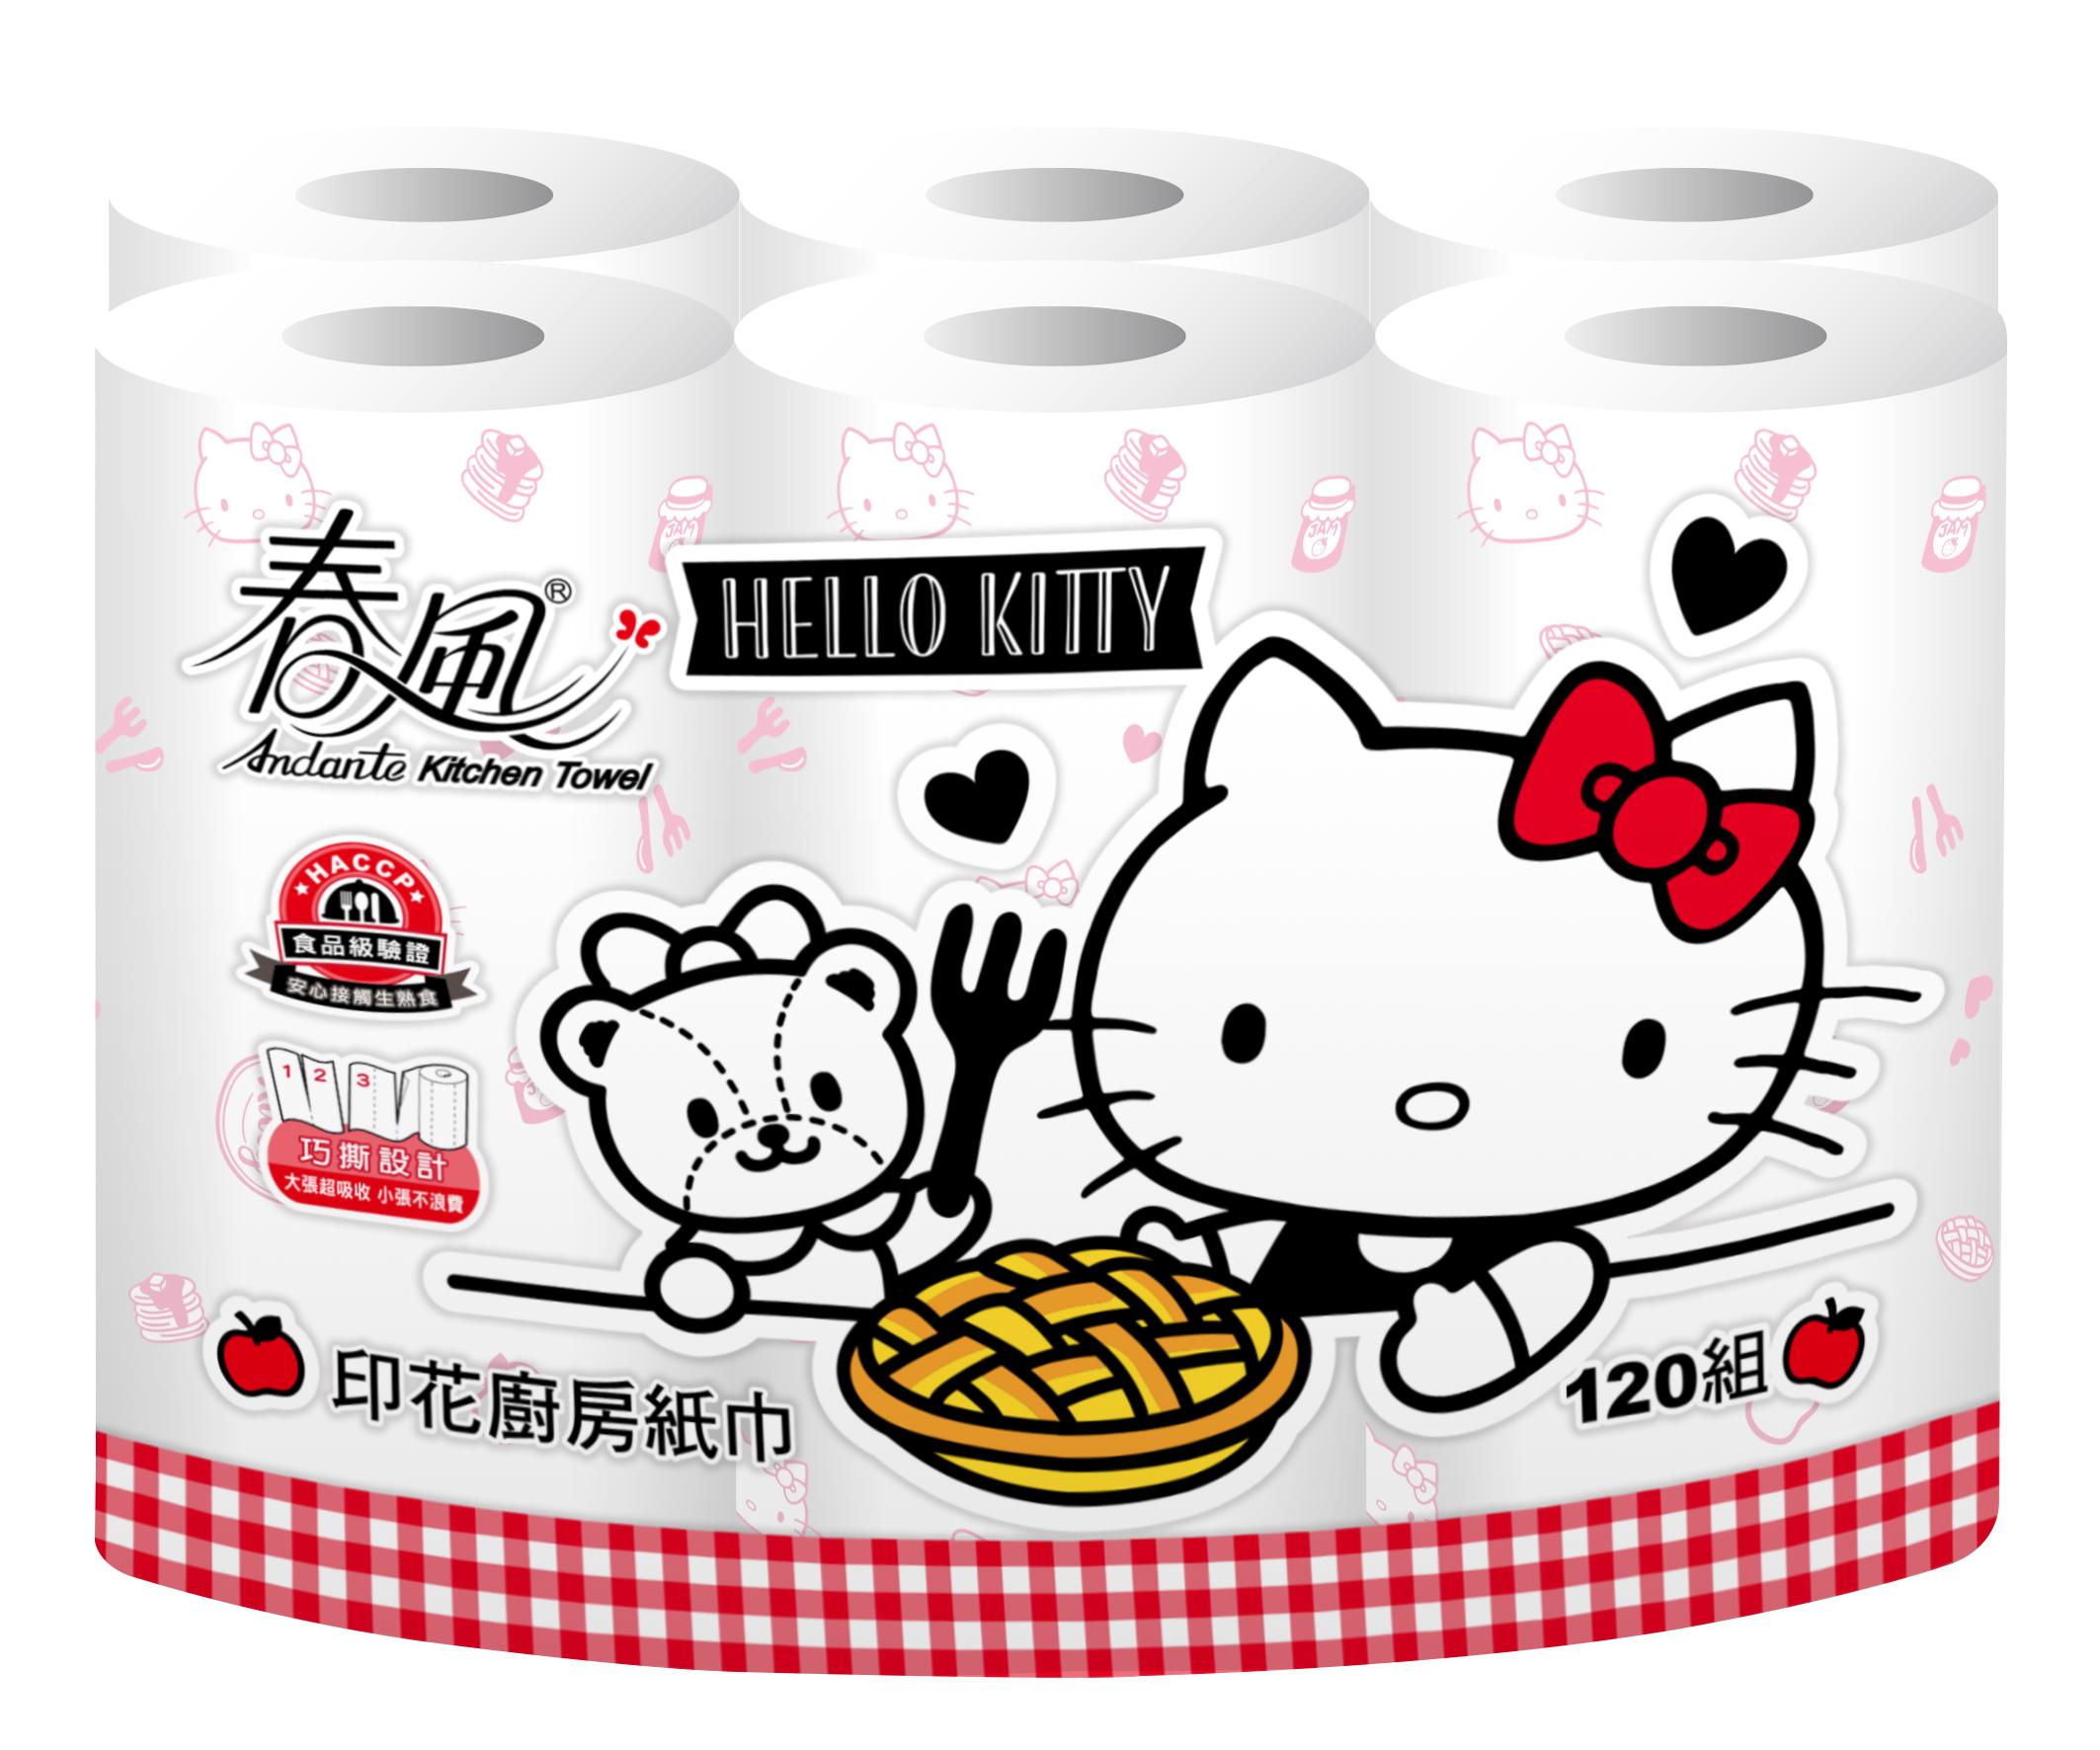 《春風》印花廚房紙巾-Hello Kitty分享篇(120組*6粒*8串)/箱